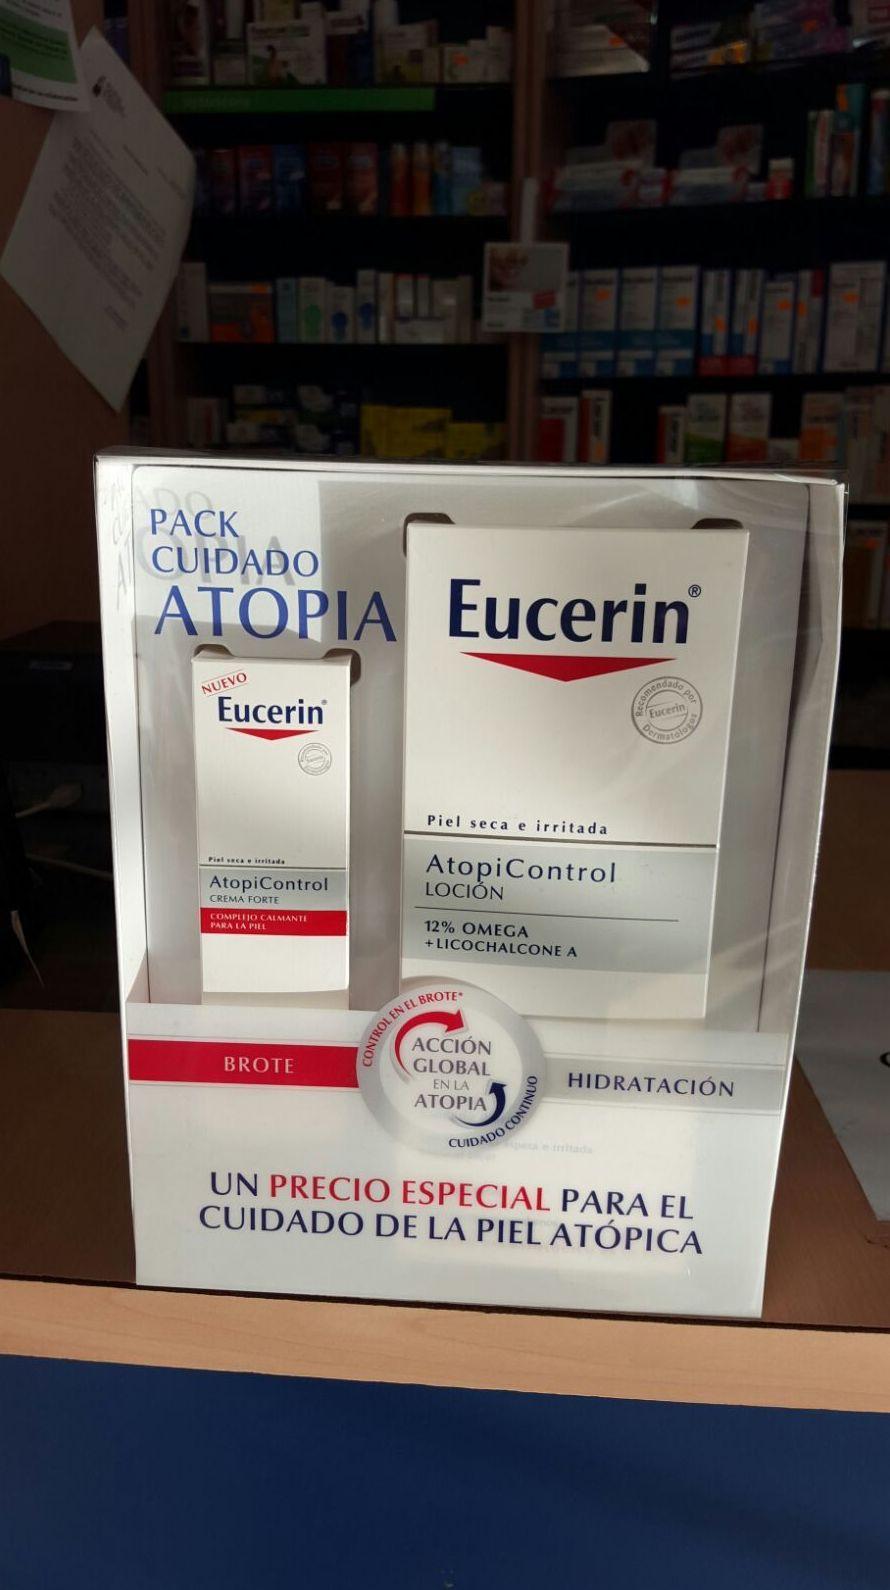 Eucerin AtopiControl: Productos y Promociones de Farmacia Lucía